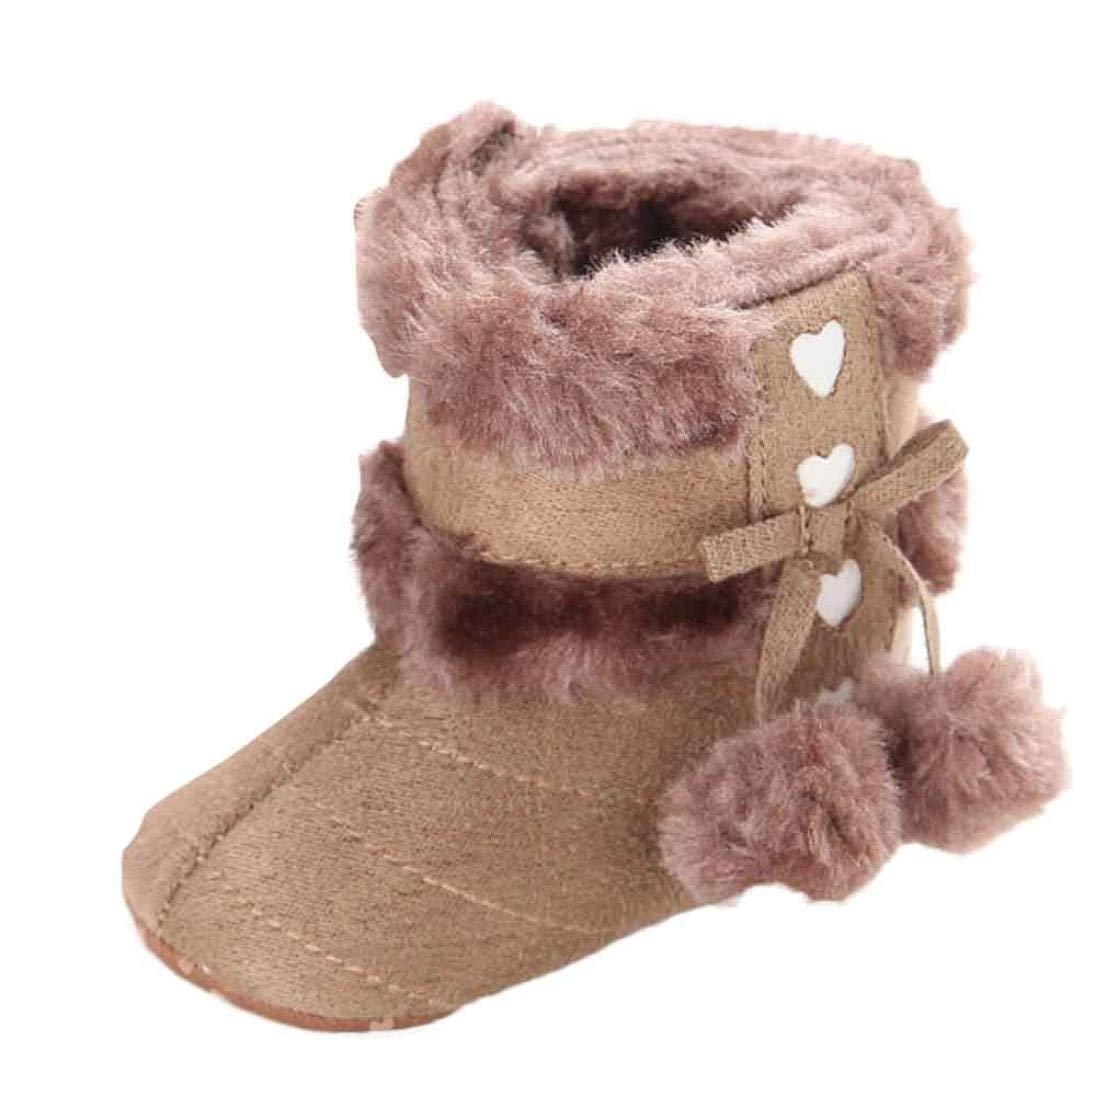 ZHRUI Baby Boots Toddler Newborn Semelles antidérapantes pour chaussettes de landau Chaussettes 0-6 mois, 6-12,12-18,18-24 mois, 2-3 ans, Bottes de neige bébé à semelle souple Baby Crib Chaussures dou